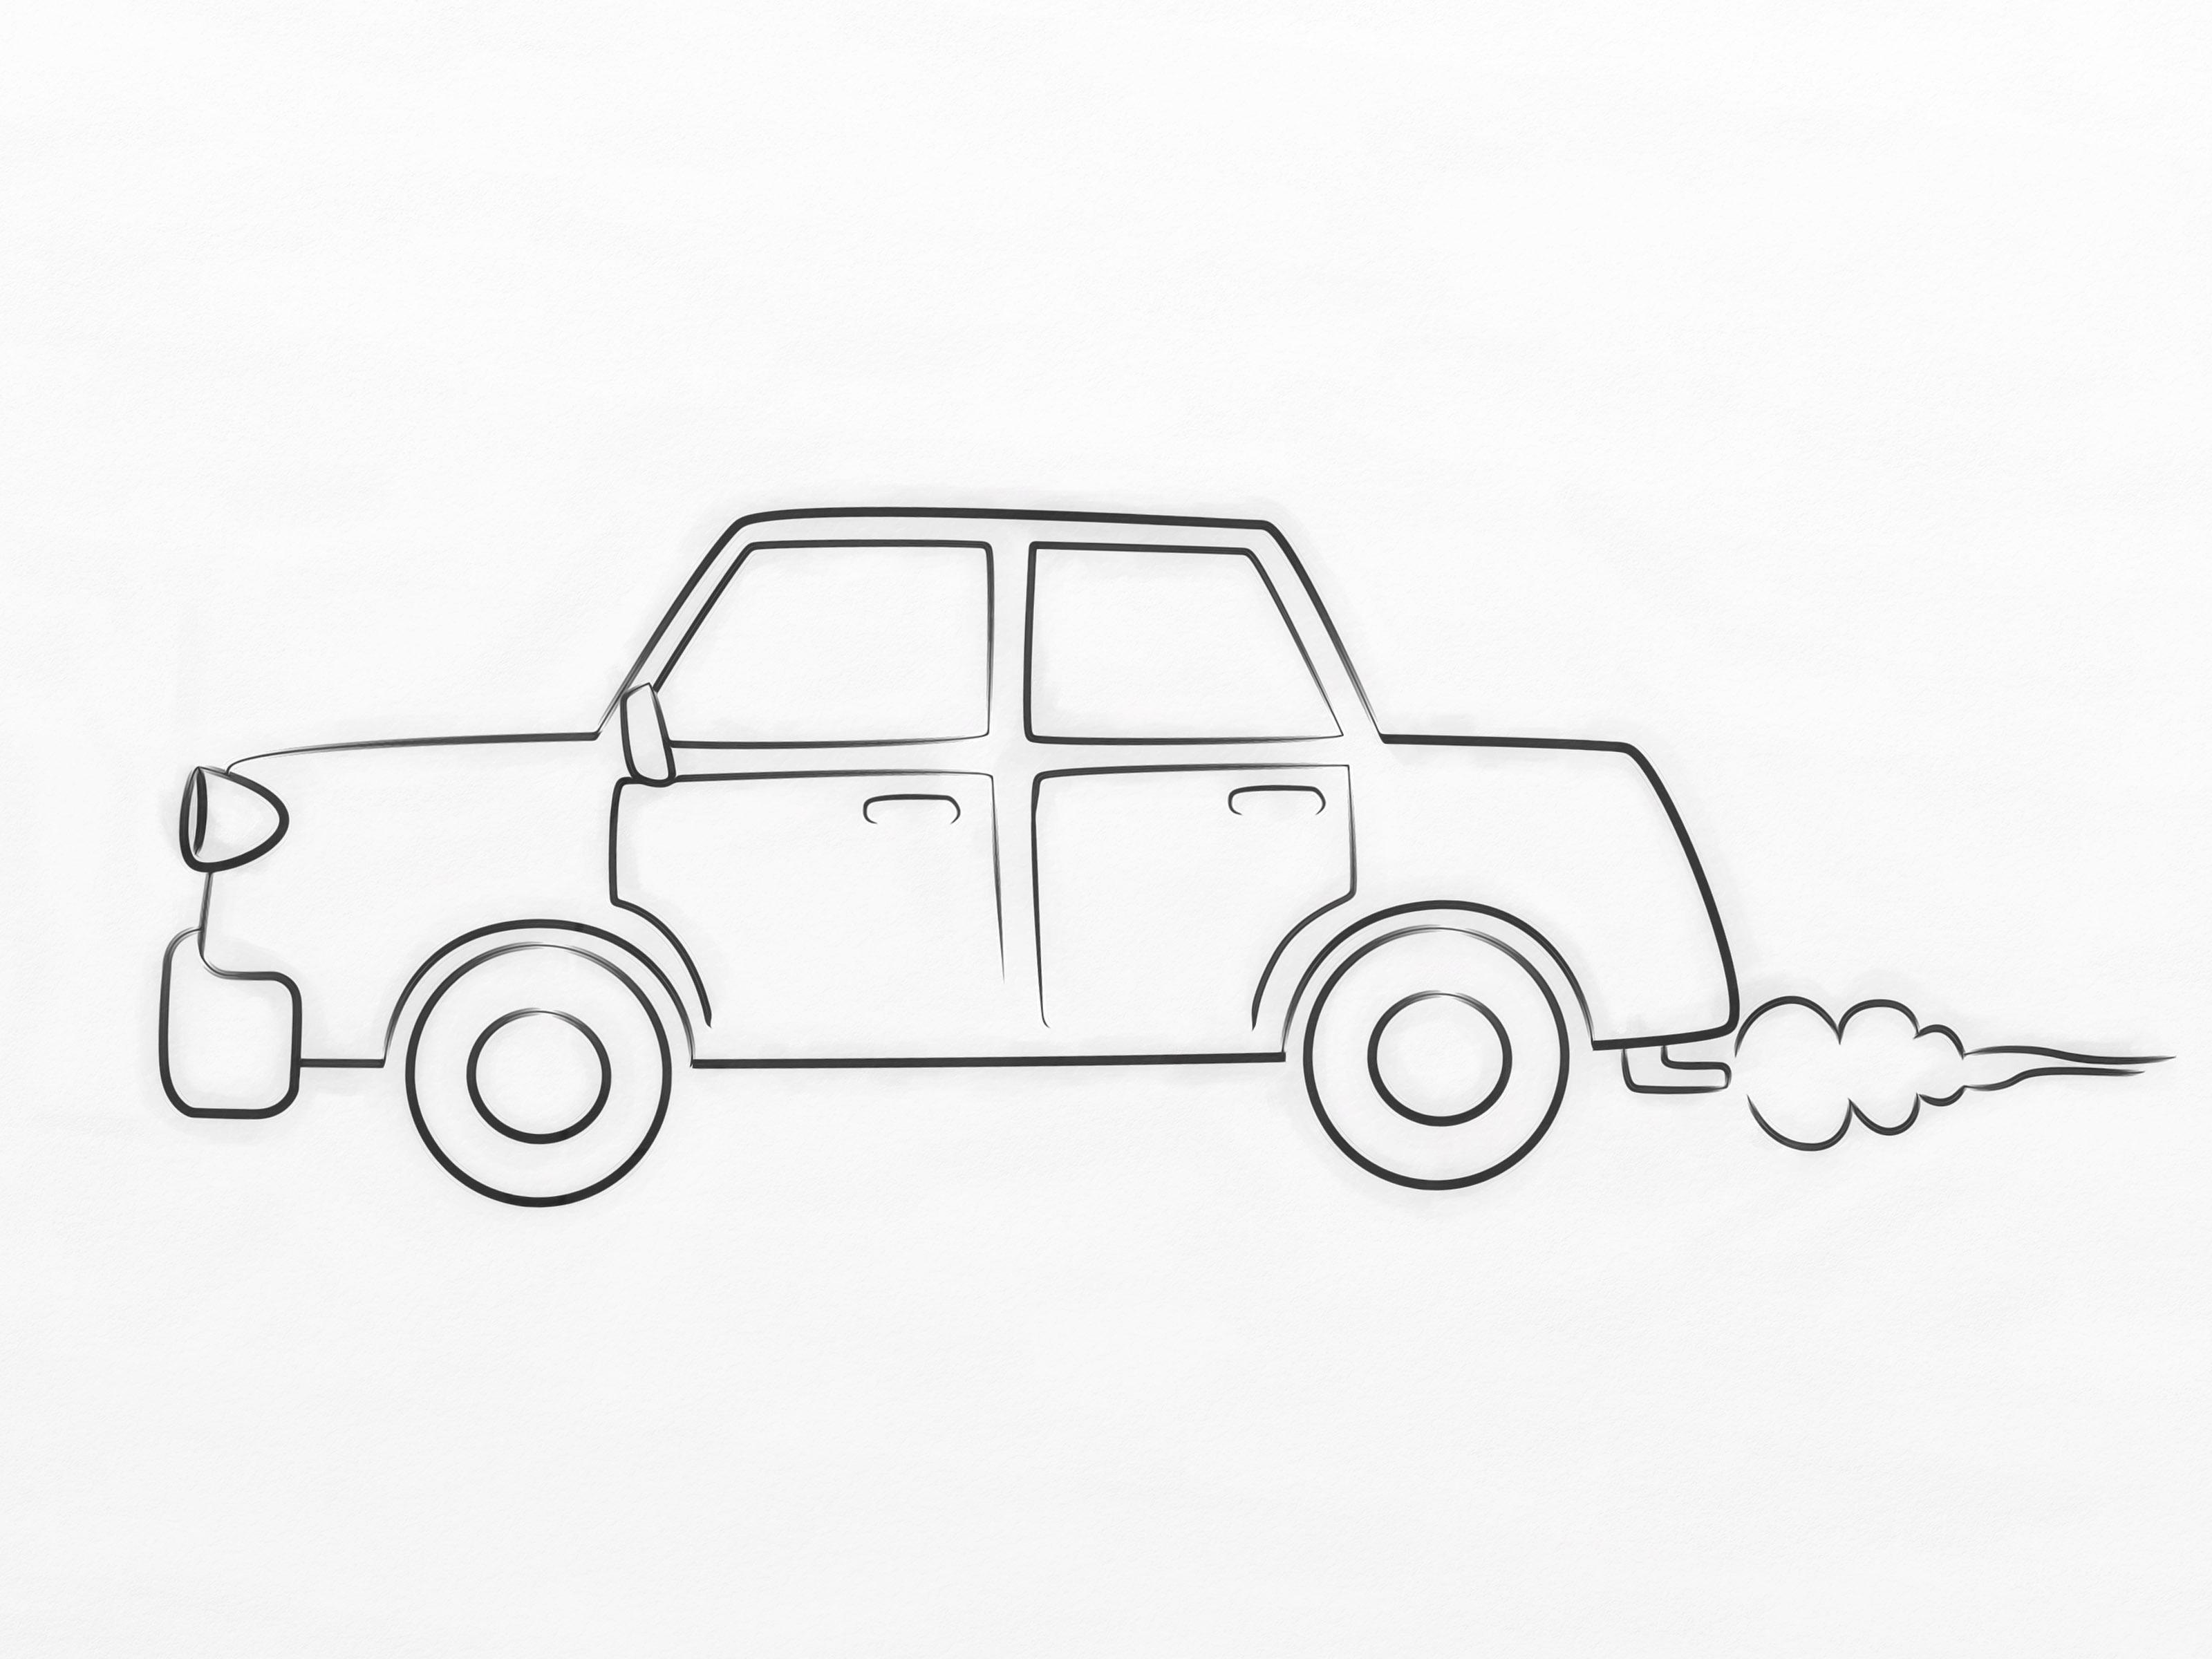 car profile drawing at getdrawings com